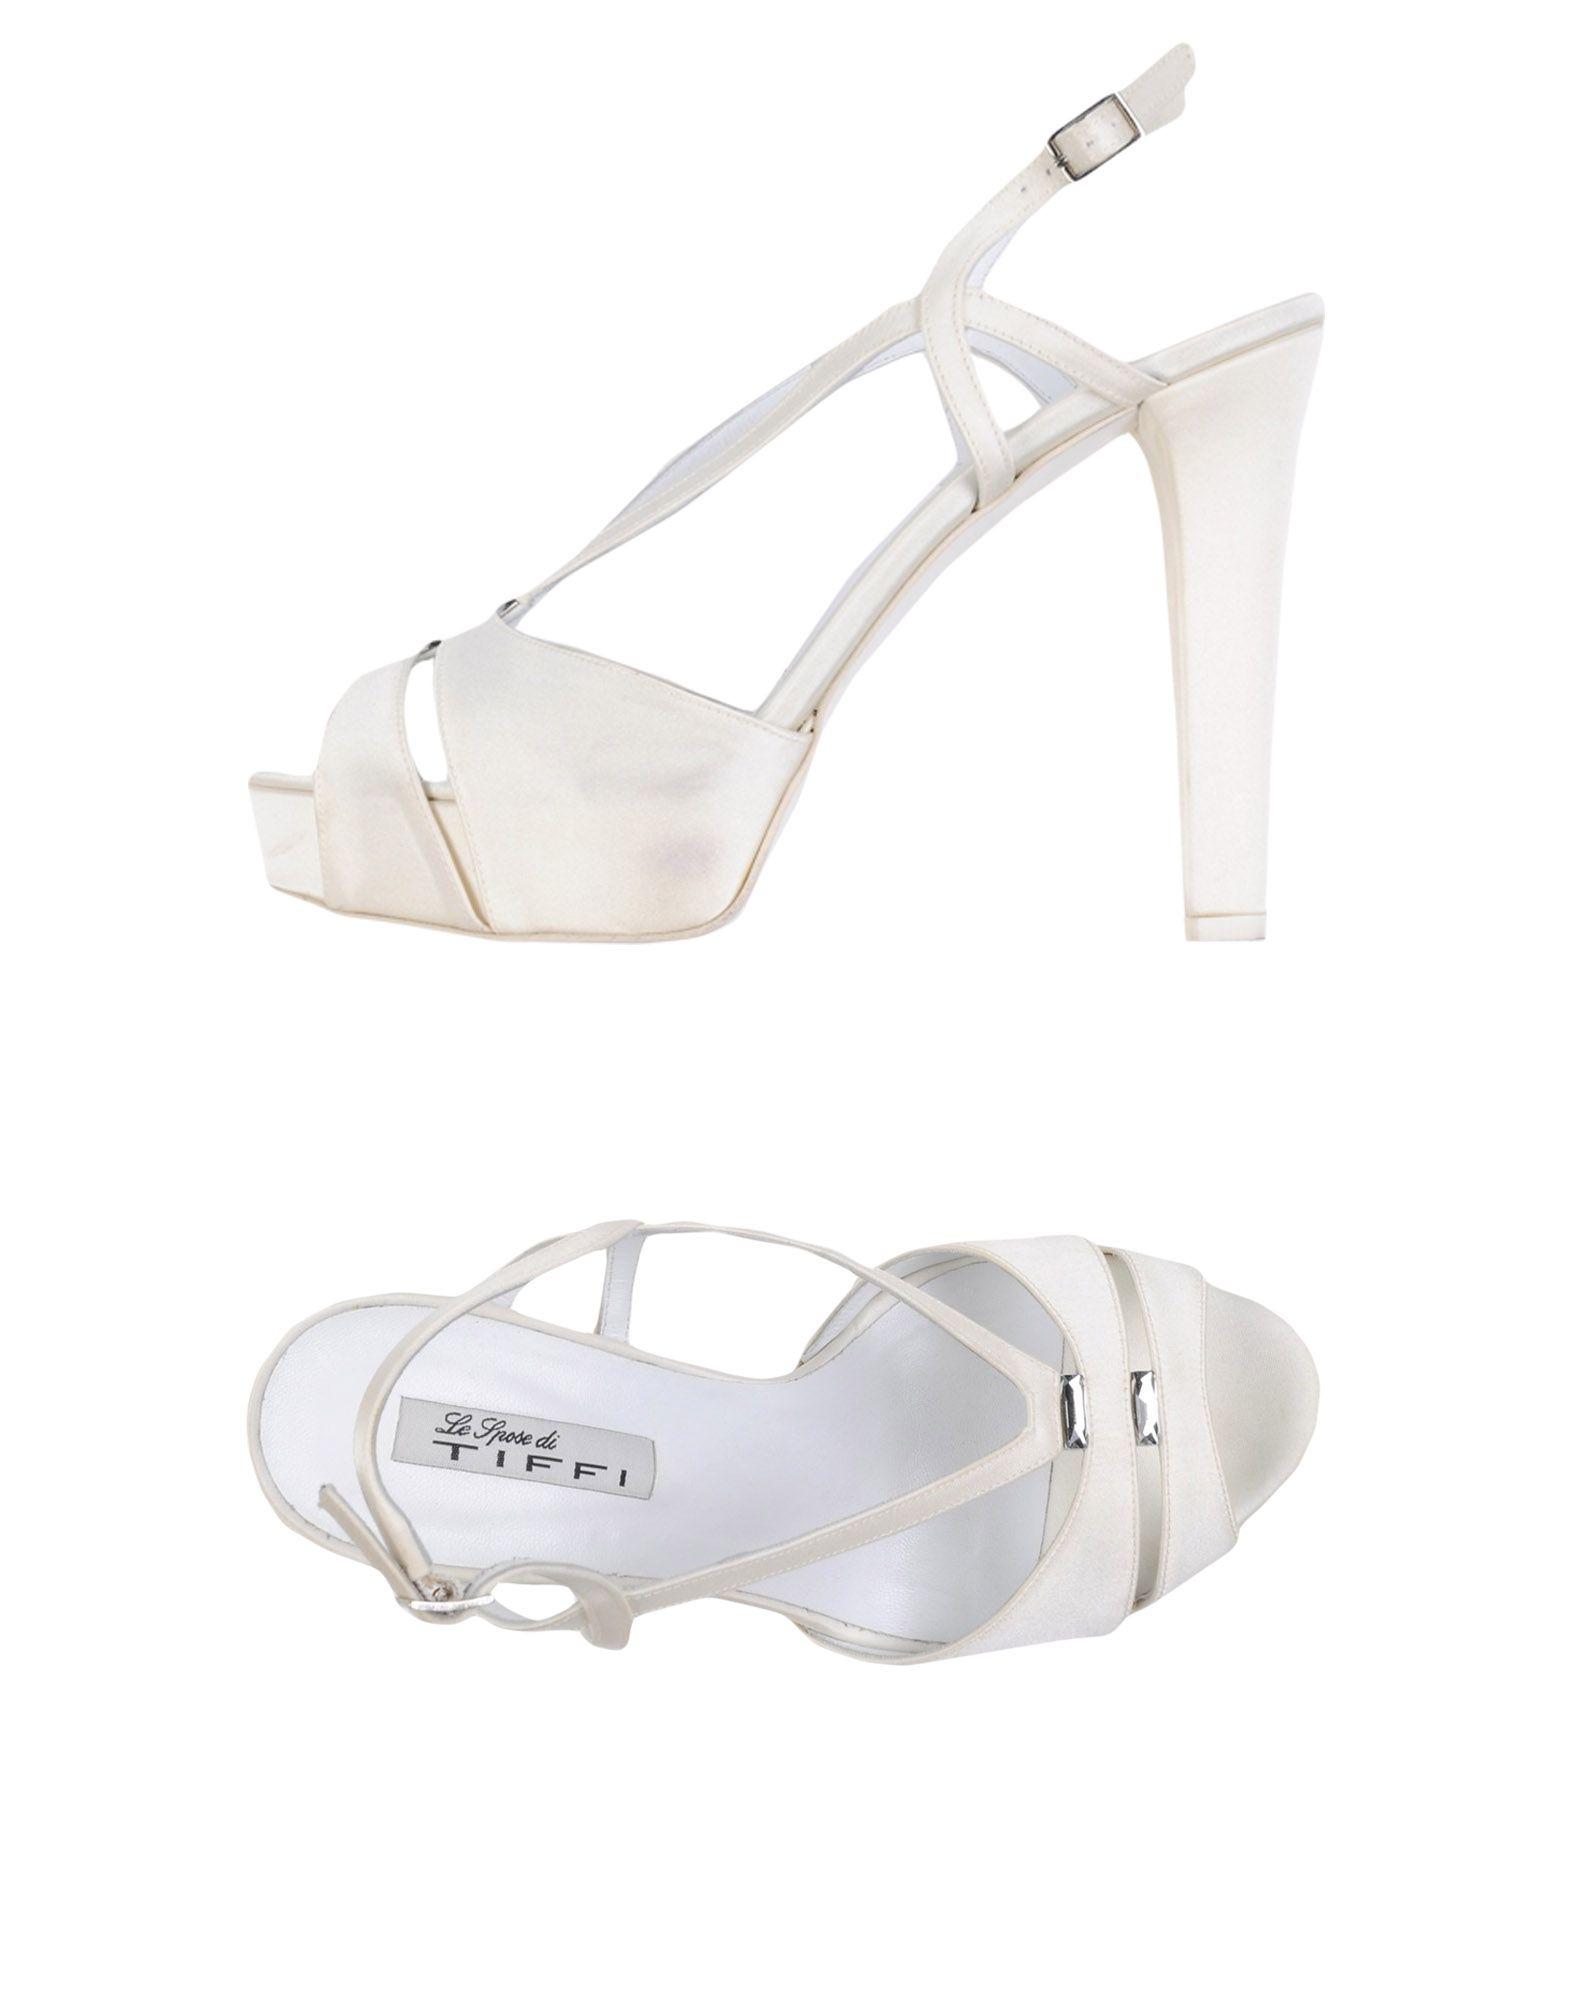 Tiffi Sandalen Damen Schuhe  11172056MH Gute Qualität beliebte Schuhe Damen e2022f